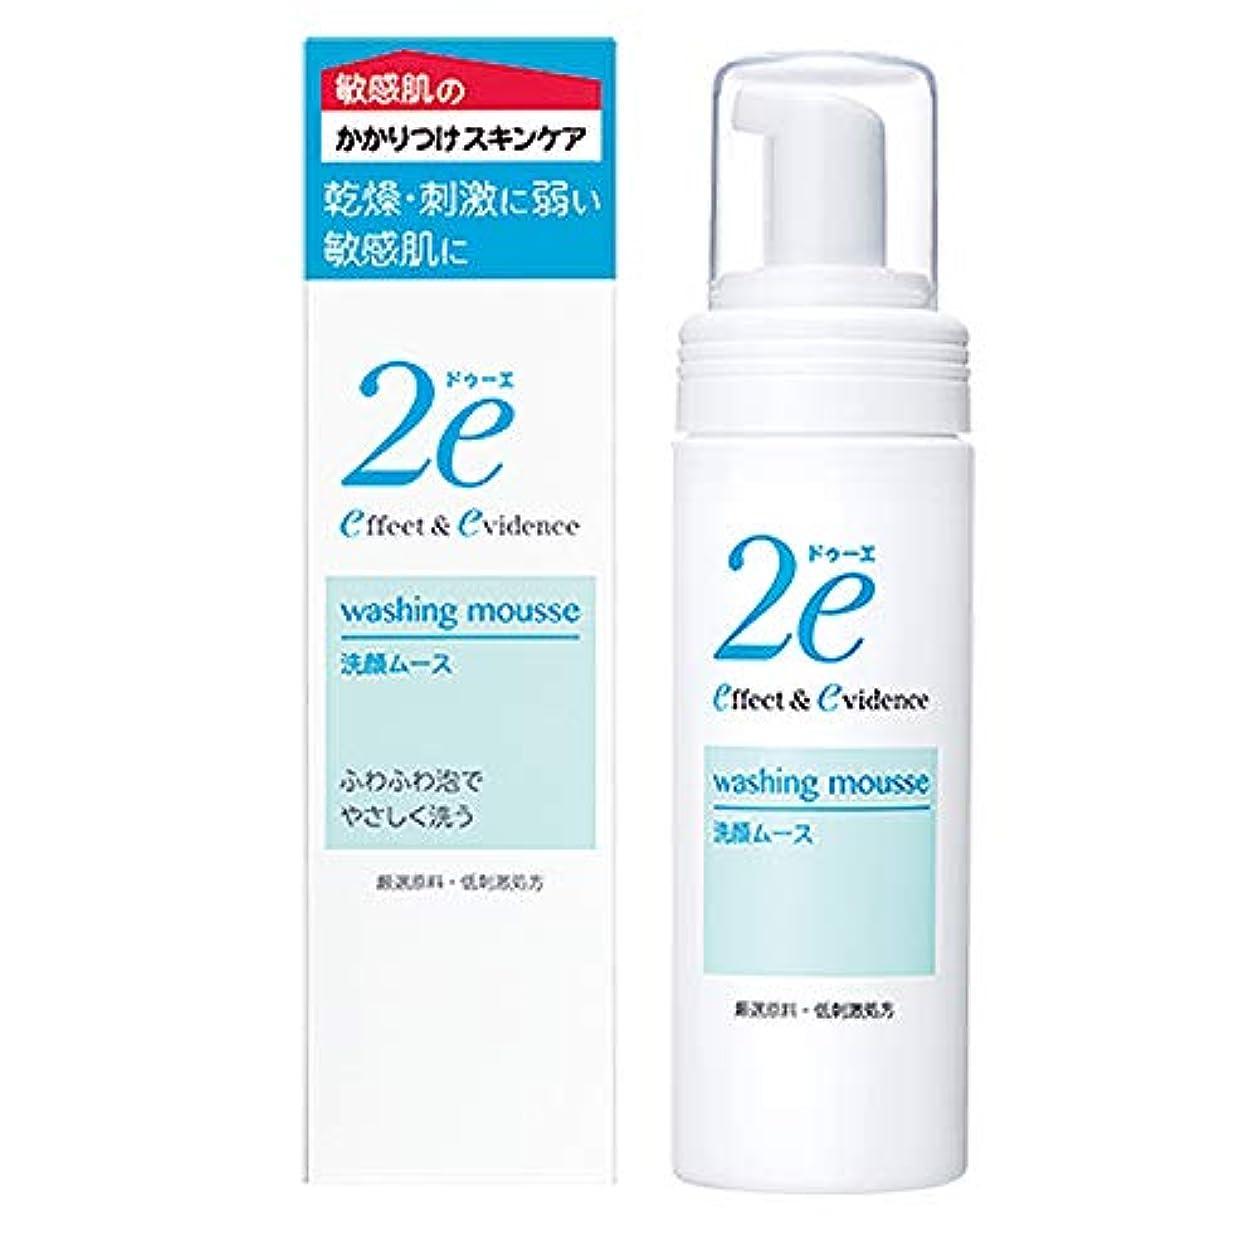 議論するセント病気の2e(ドゥーエ) 洗顔ムース 敏感肌用洗顔料 低刺激処方 泡で出てくるポンプタイプ 120ml